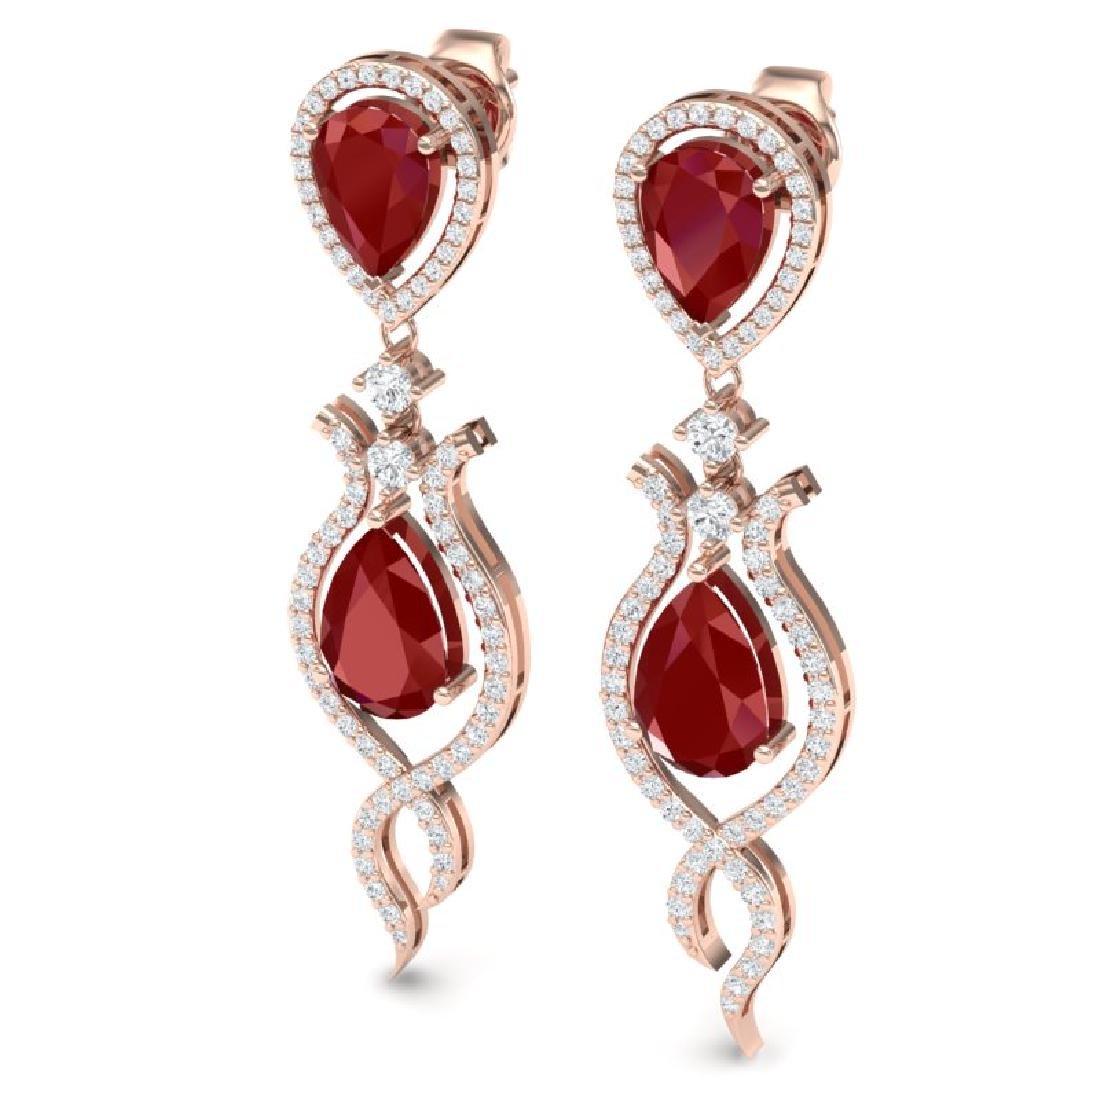 16.57 CTW Royalty Designer Ruby & VS Diamond Earrings - 2